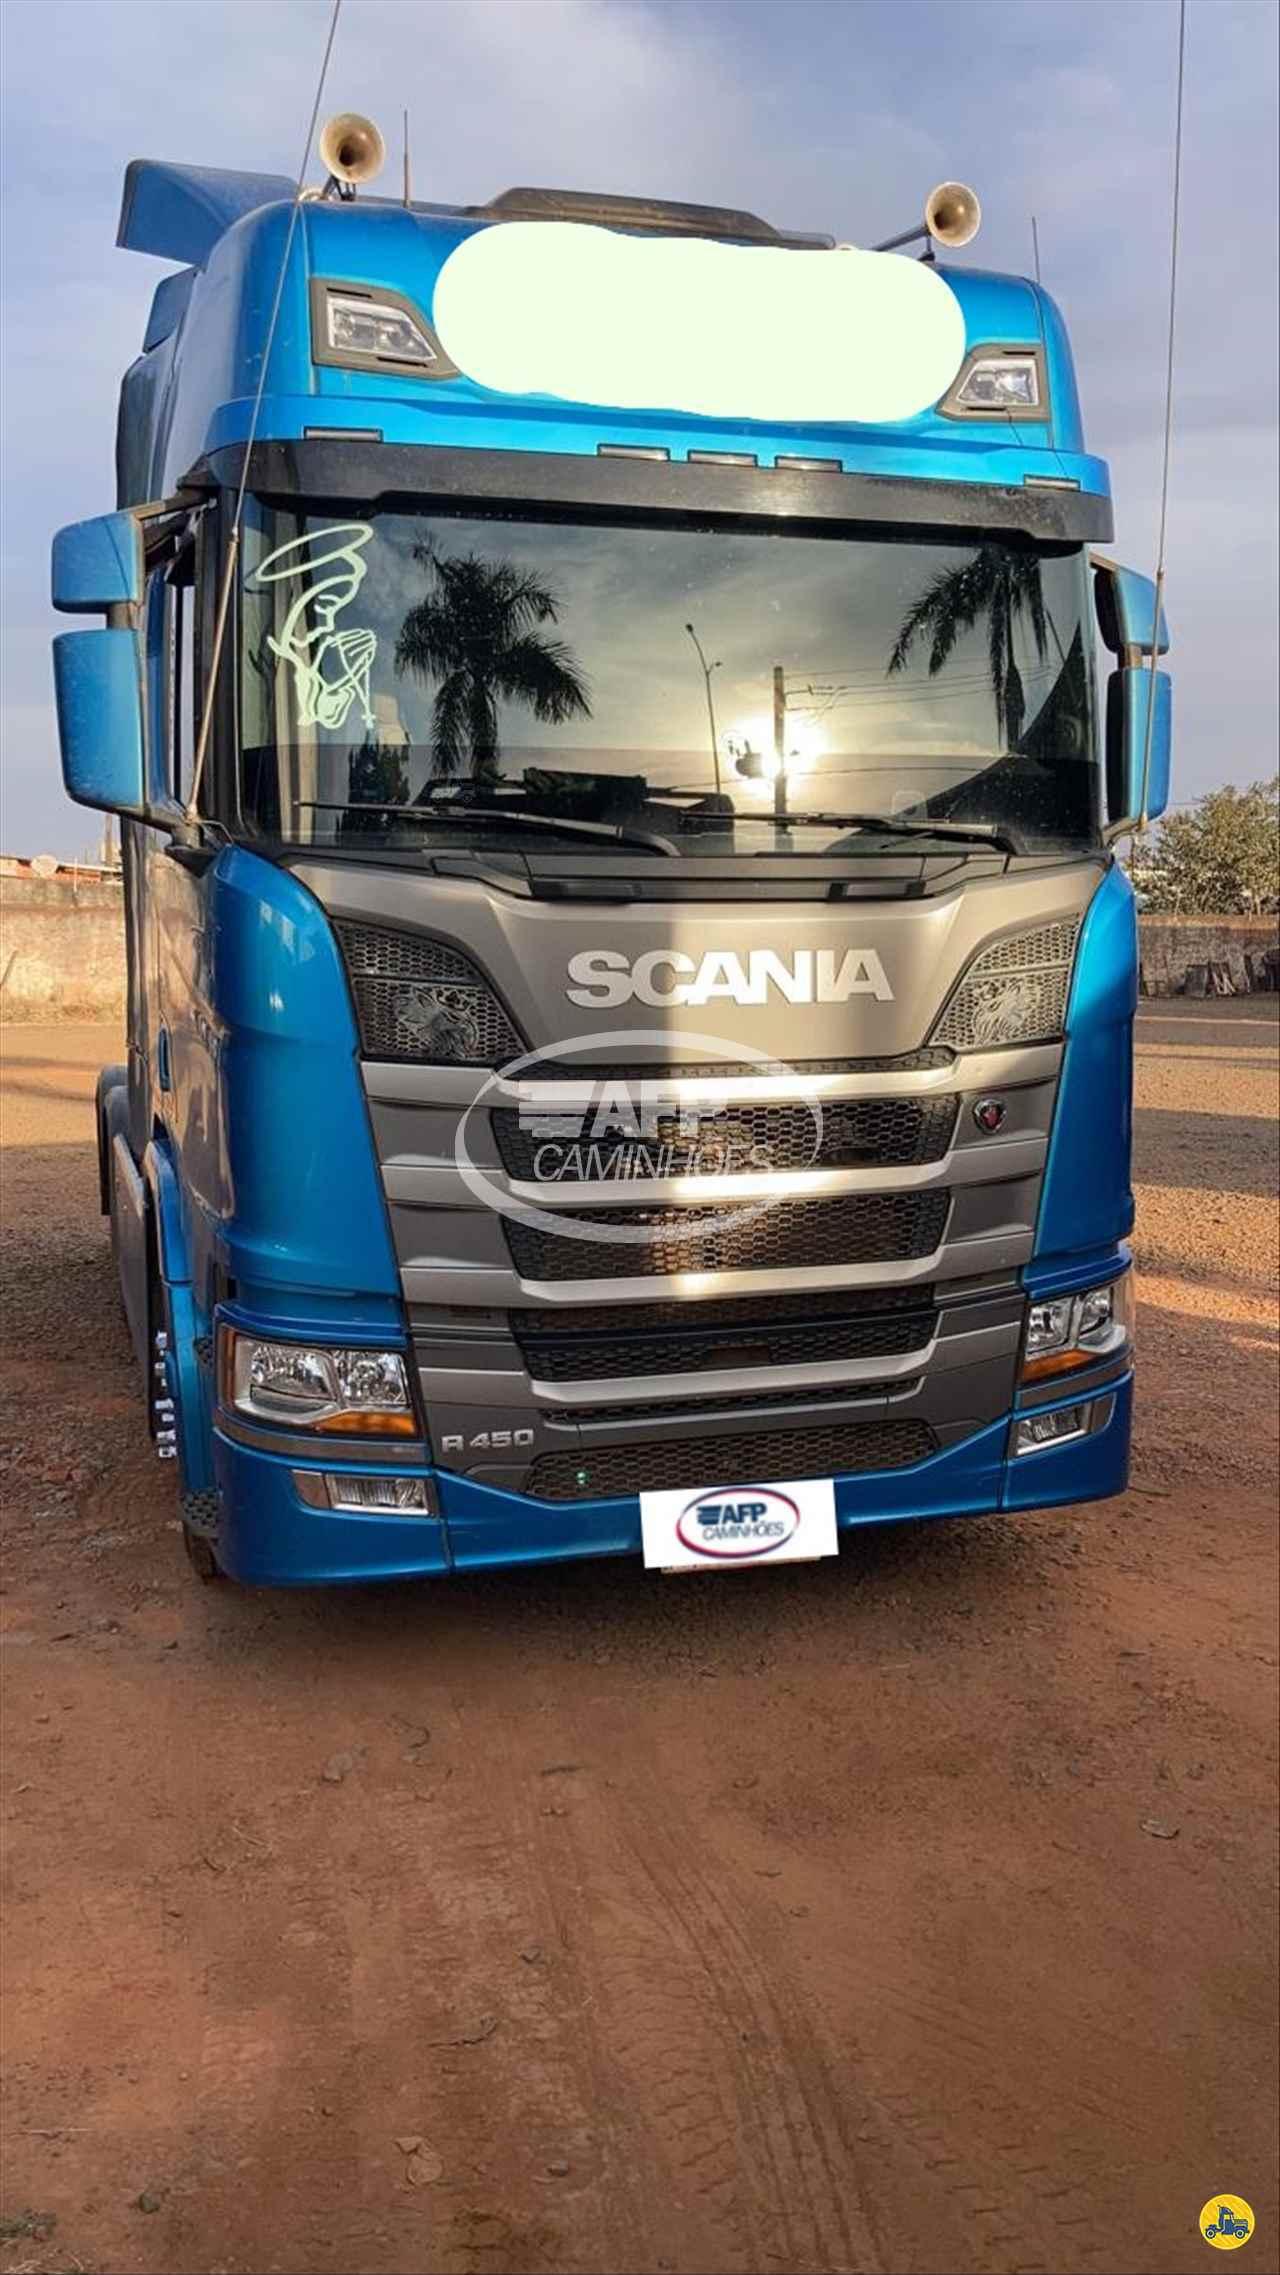 CAMINHAO SCANIA SCANIA 450 Cavalo Mecânico Truck 6x2 AFP Caminhões UBERLANDIA MINAS GERAIS MG